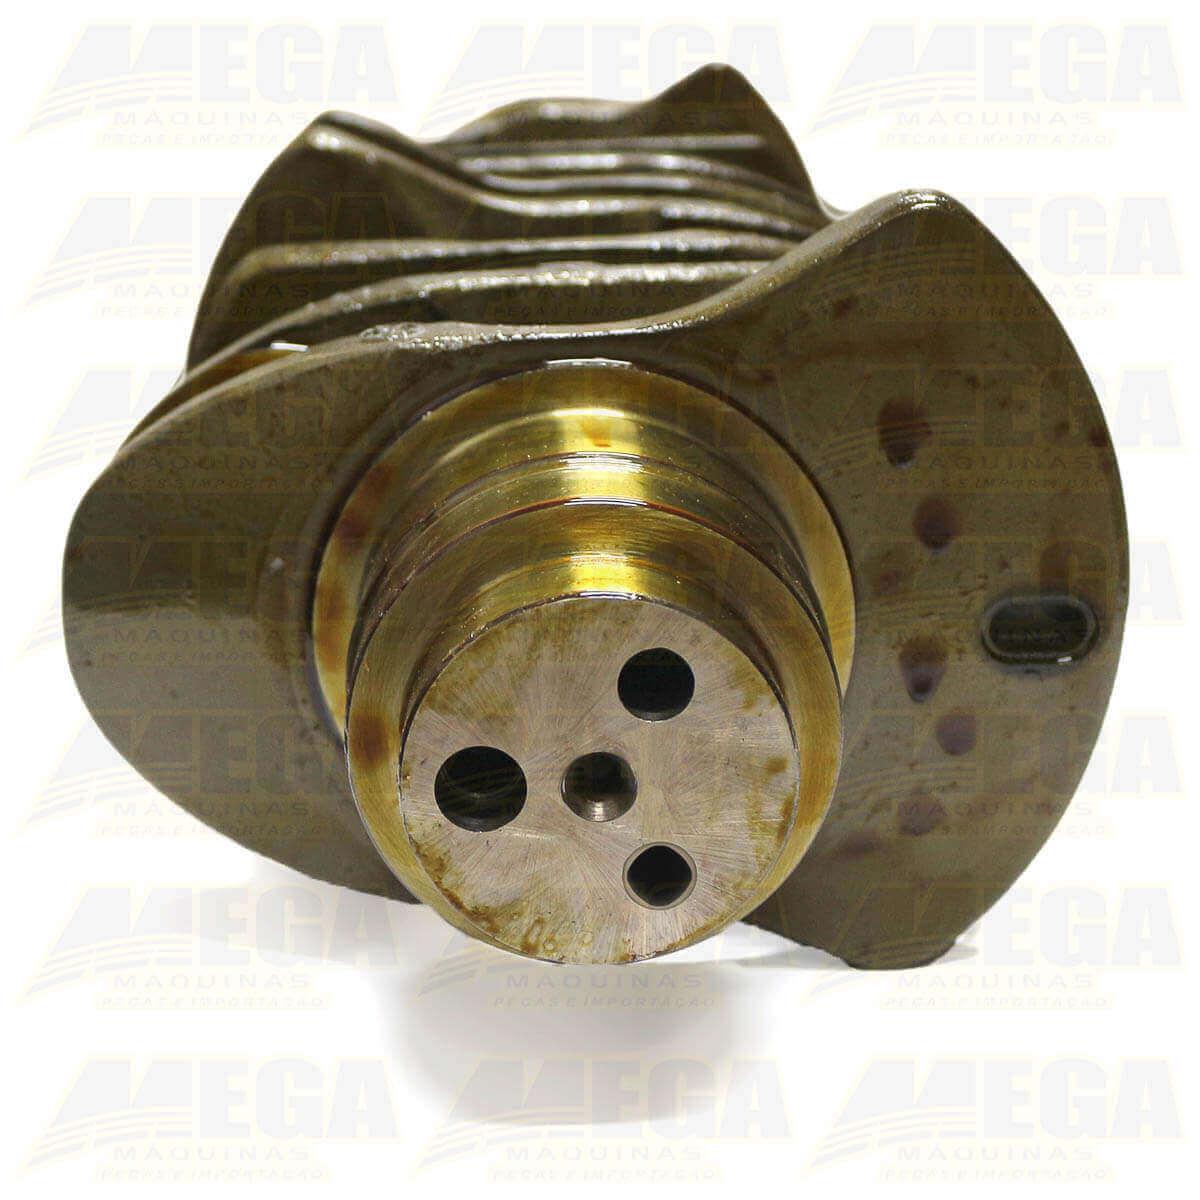 Virabrequim Motor JCB DieselMax 444 320/03336 32003336